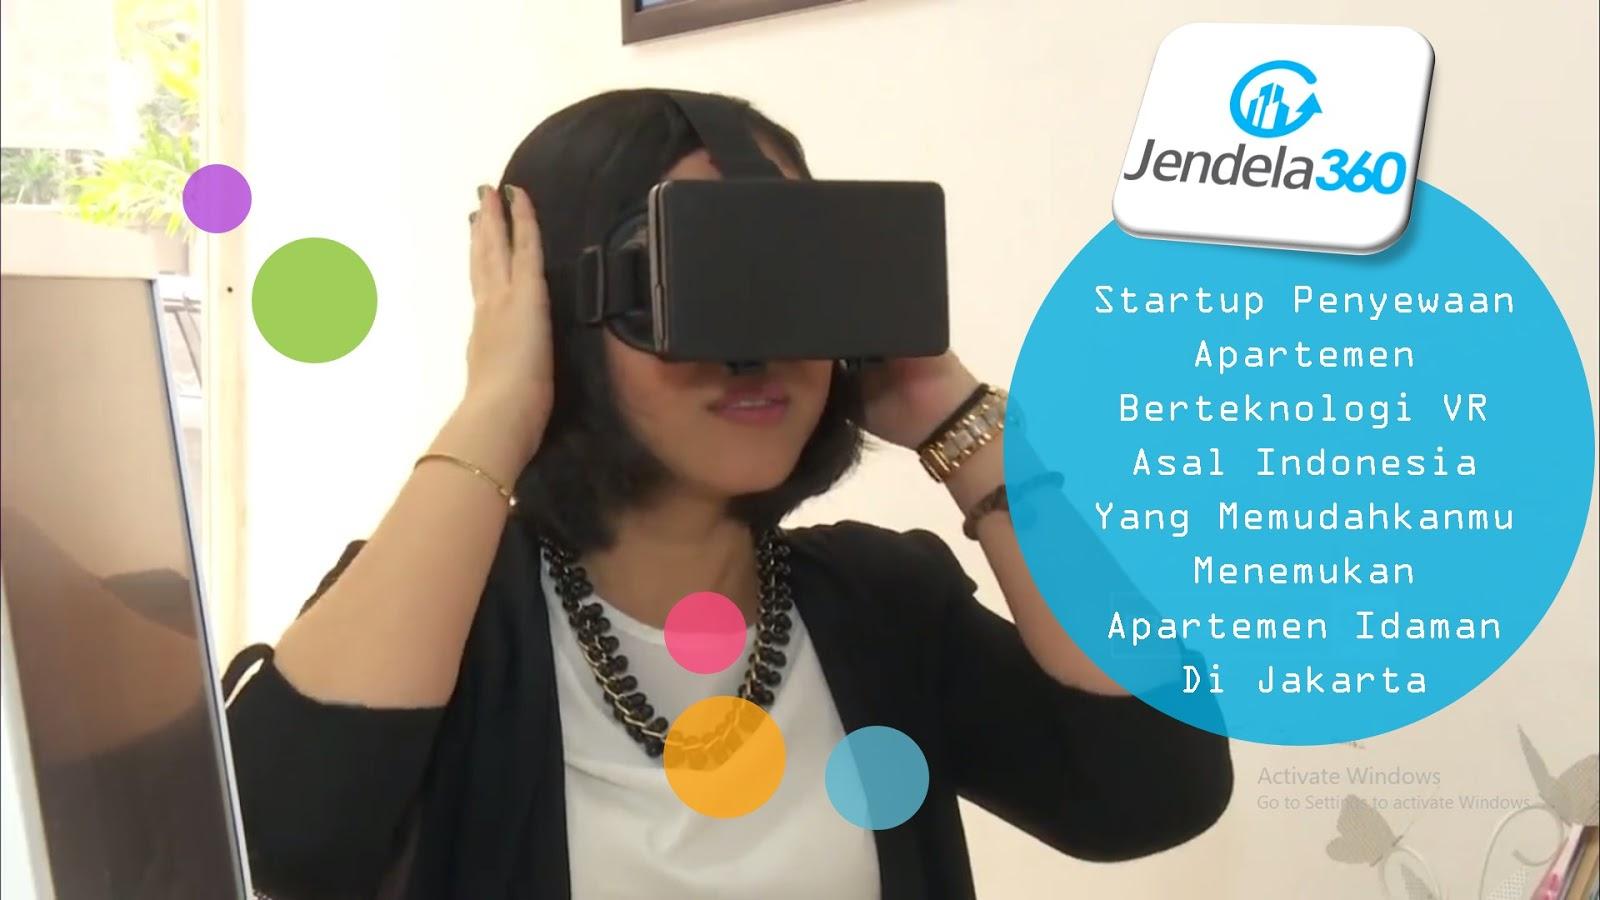 Jendela360: Startup Penyewaan Apartemen Berteknologi VR  Asal Indonesia Yang Memudahkanmu Menemukan Apartemen Idaman Di Jakarta